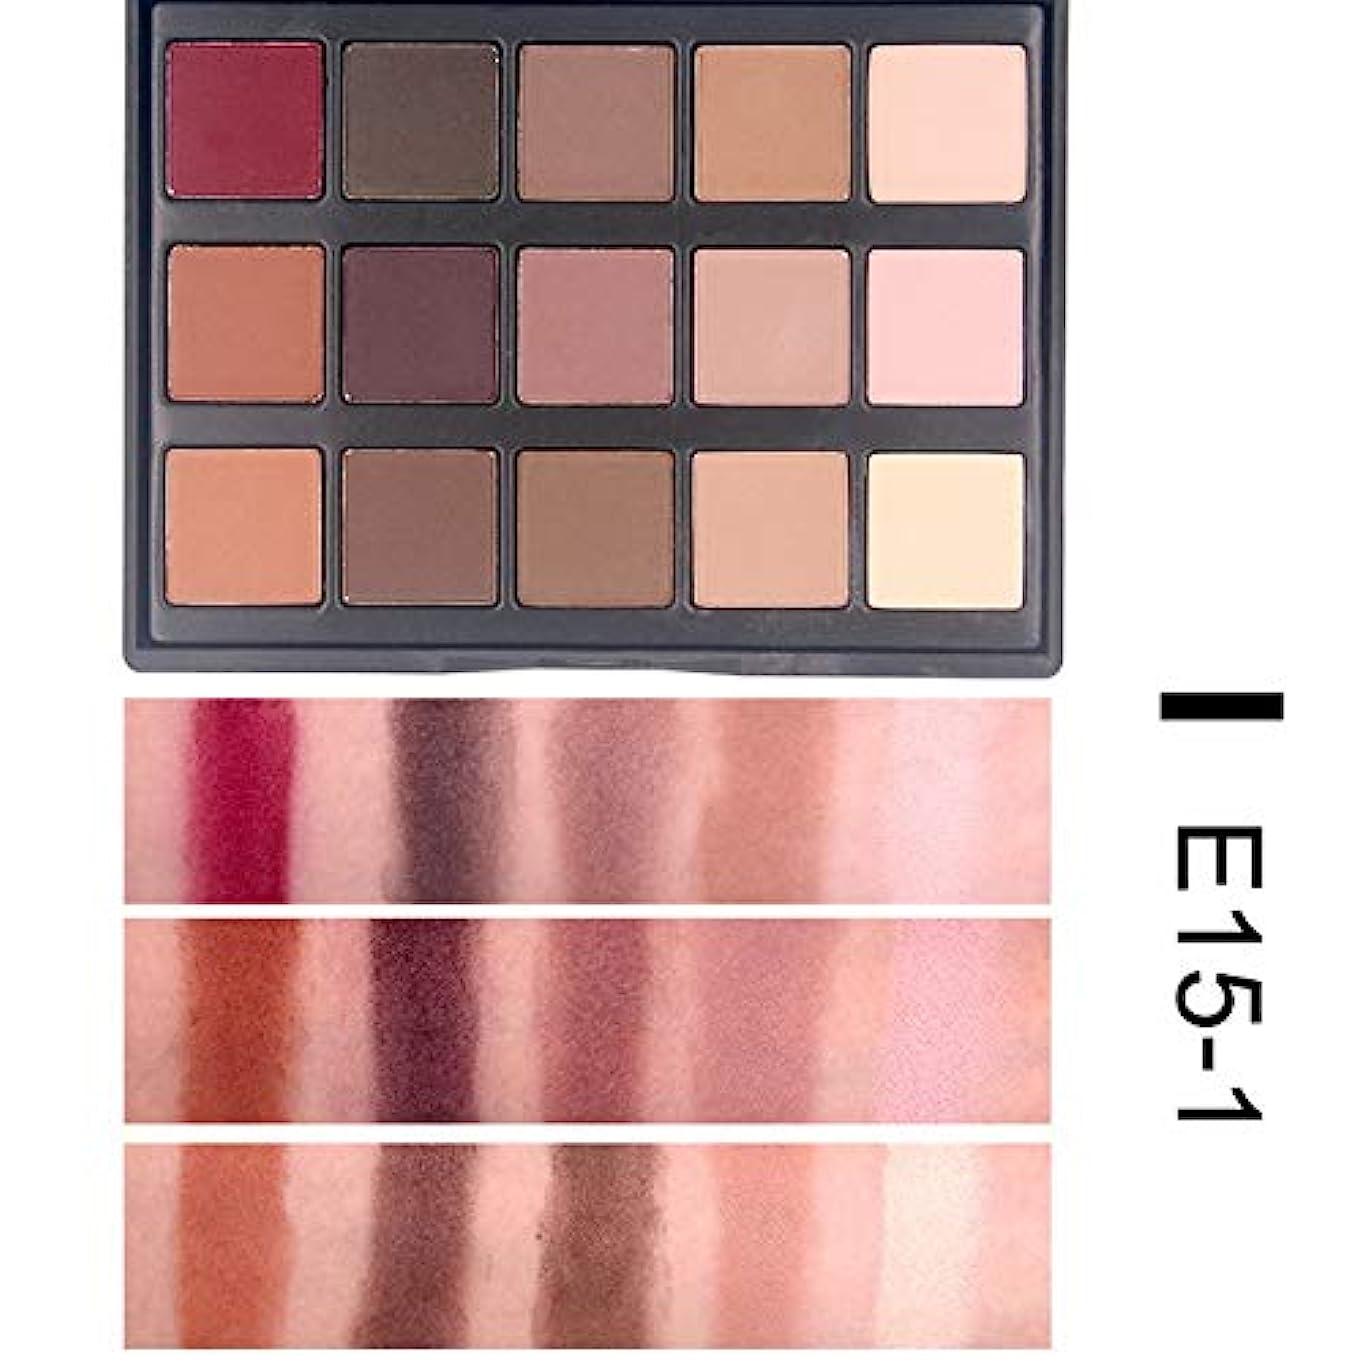 明るい退屈させる一貫性のないRabugoo 15色ミニアイシャドウパウダーマットアイシャドウ化粧品メイクアップ EP15#1